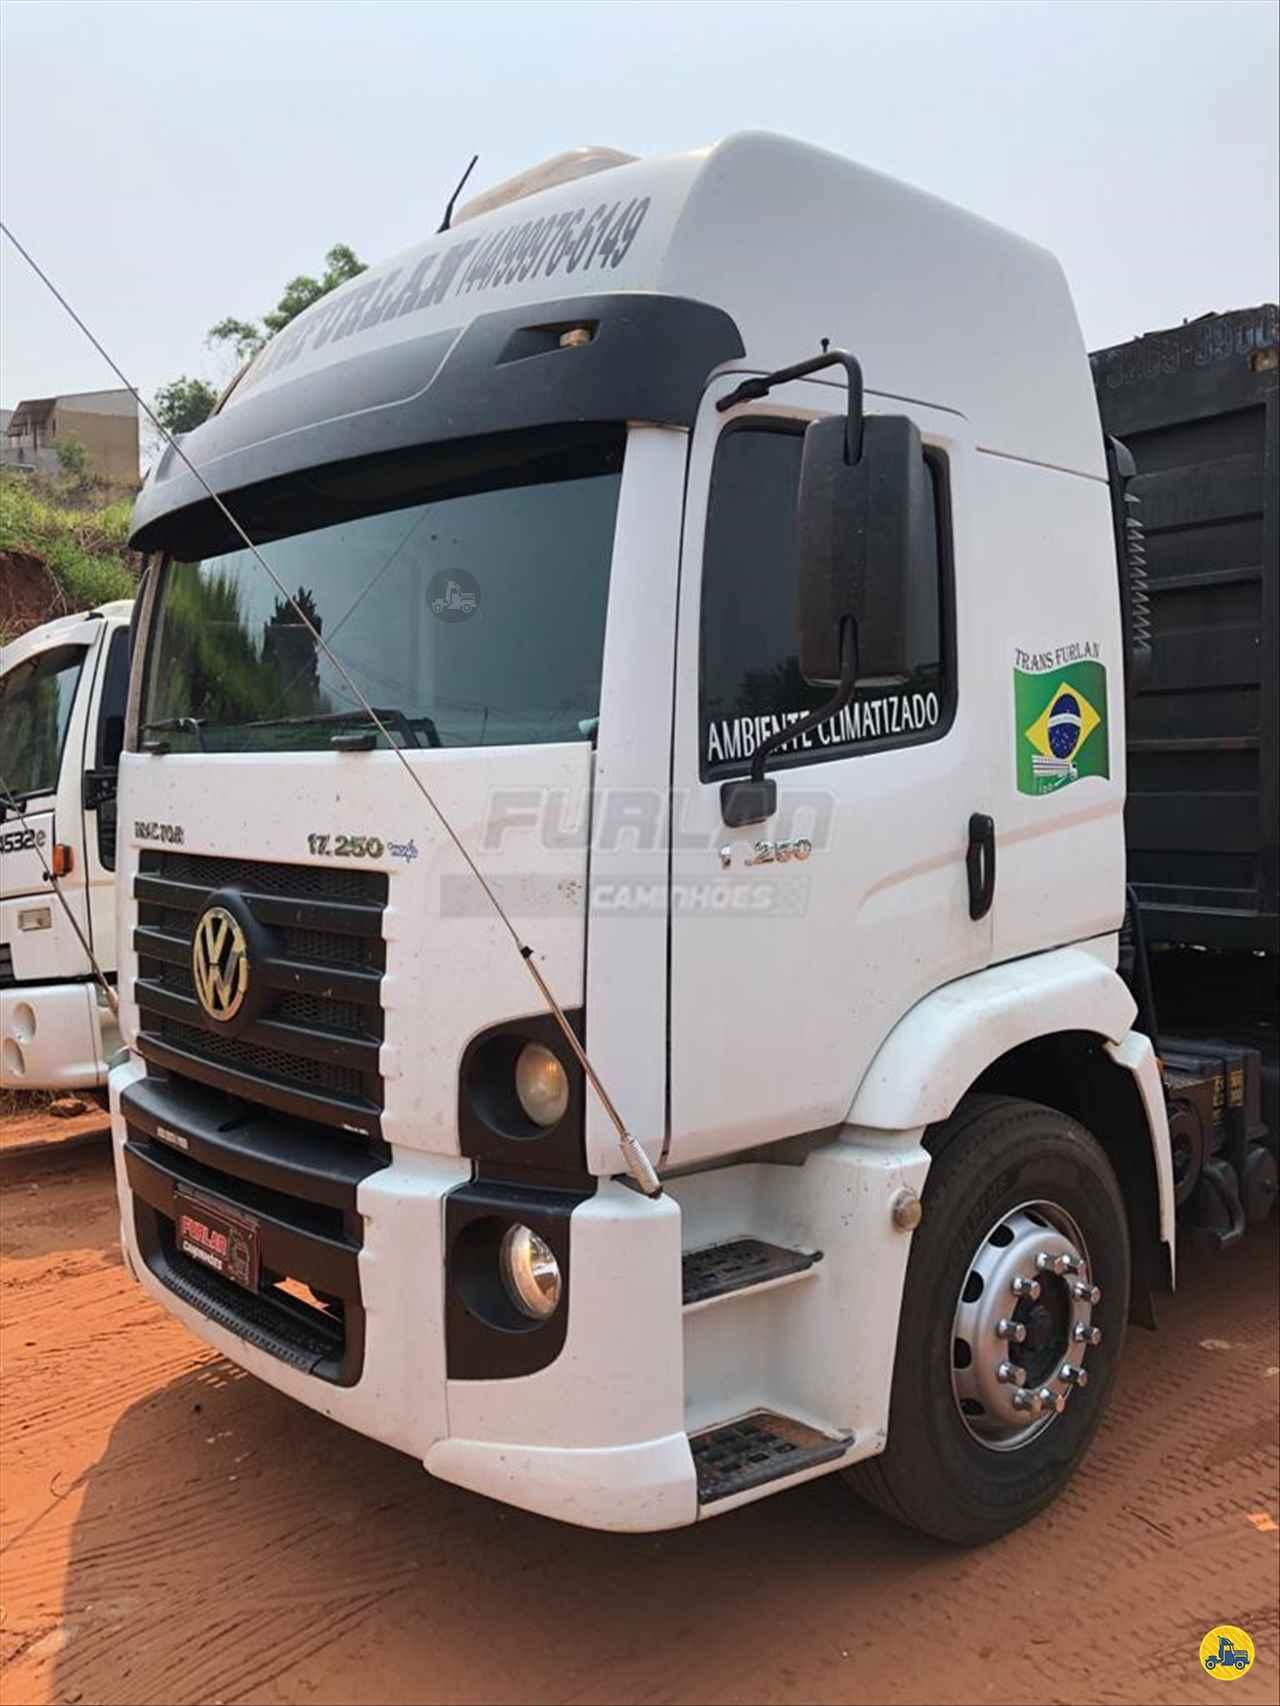 CAMINHAO VOLKSWAGEN VW 17250 Cavalo Mecânico Toco 4x2 Furlan Caminhões UMUARAMA PARANÁ PR